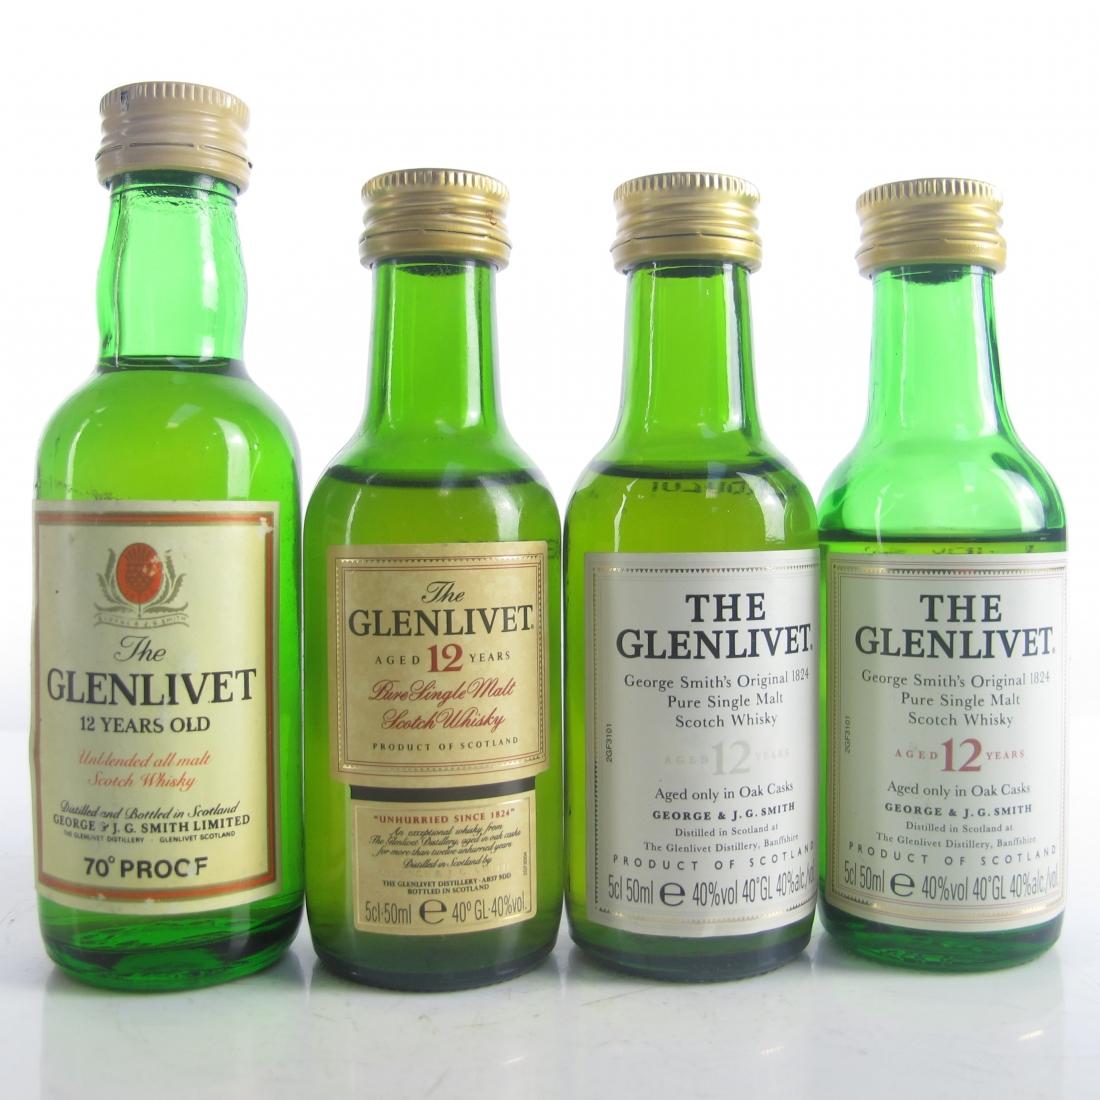 Glenlivet 12 Year Old Miniatures x 4